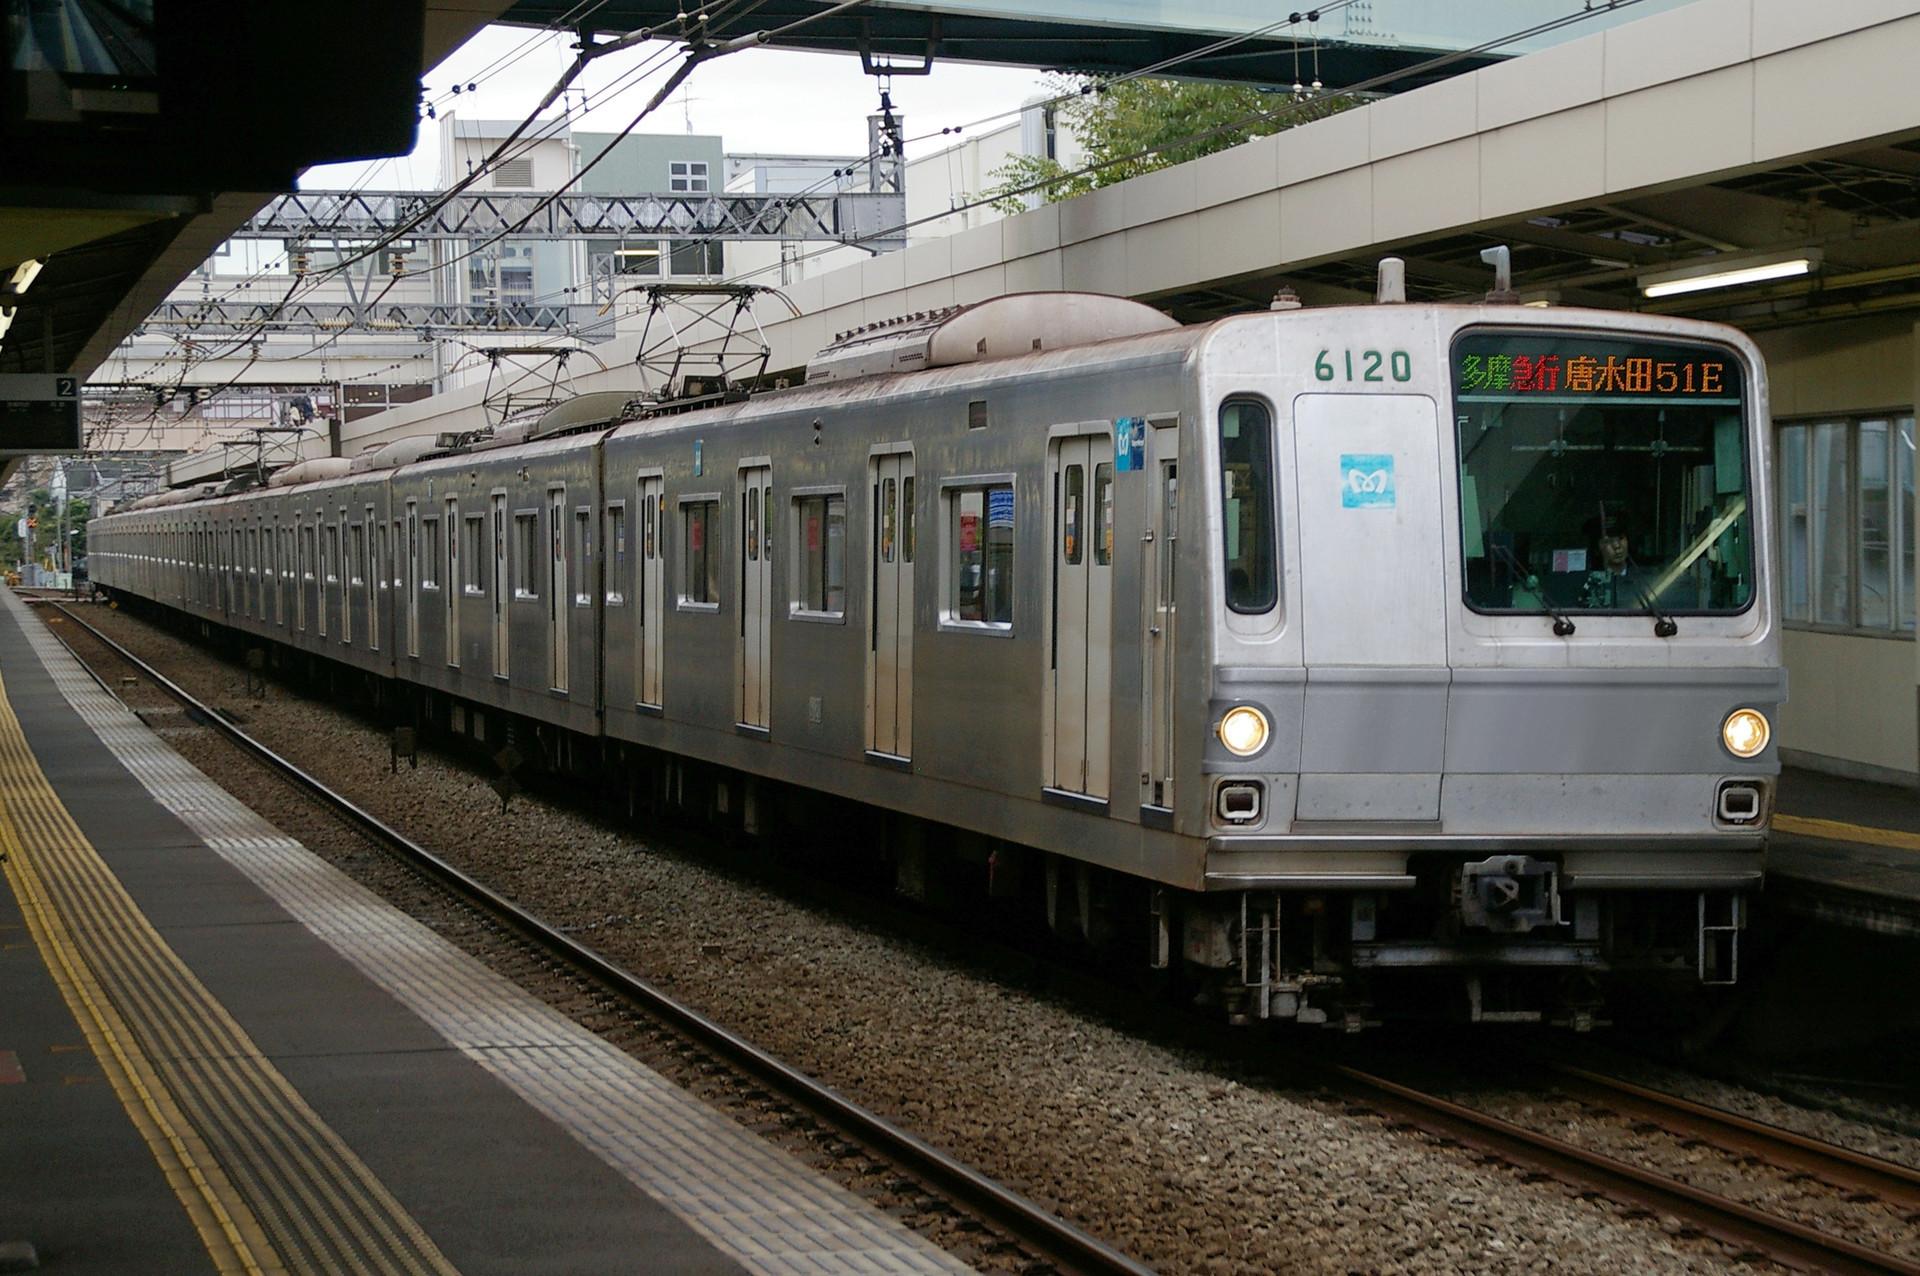 東京メトロ 6000系の色変え用素体